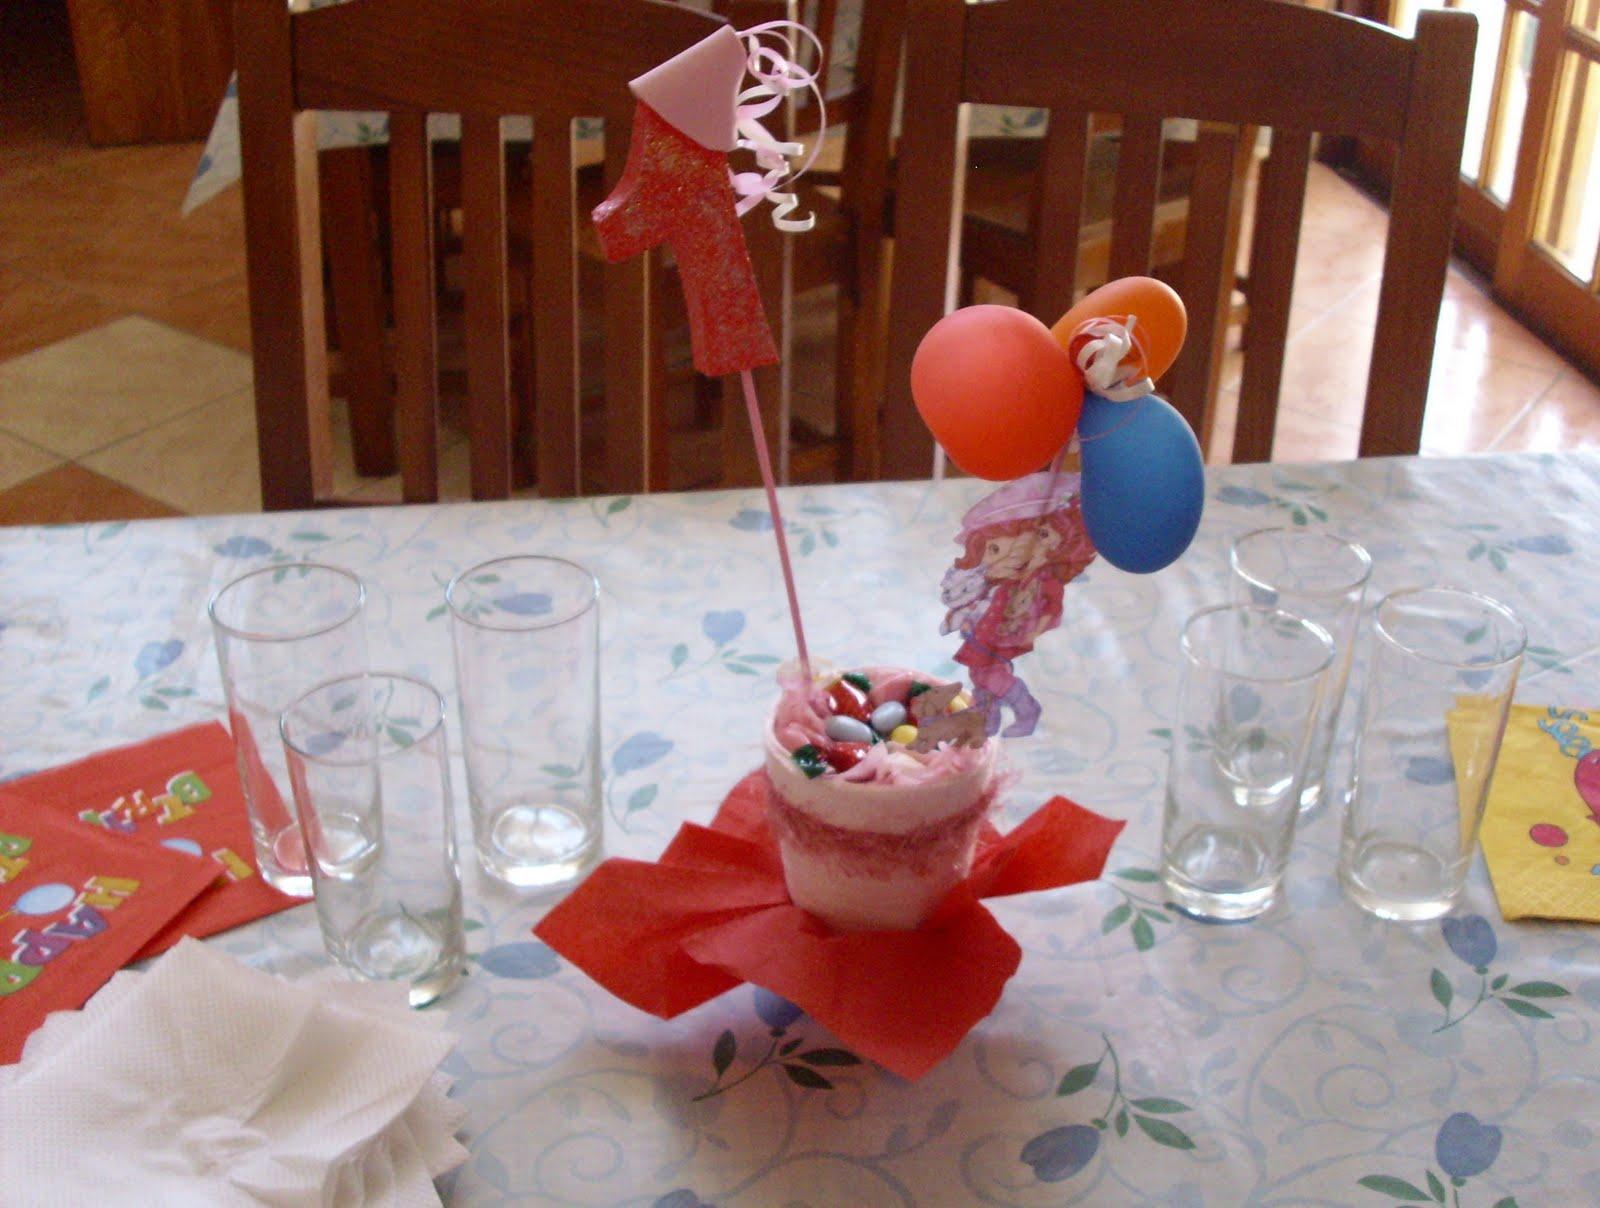 Juanita creaciones y ambientaciones centro de mesa - Mesas cumpleanos infantiles ...